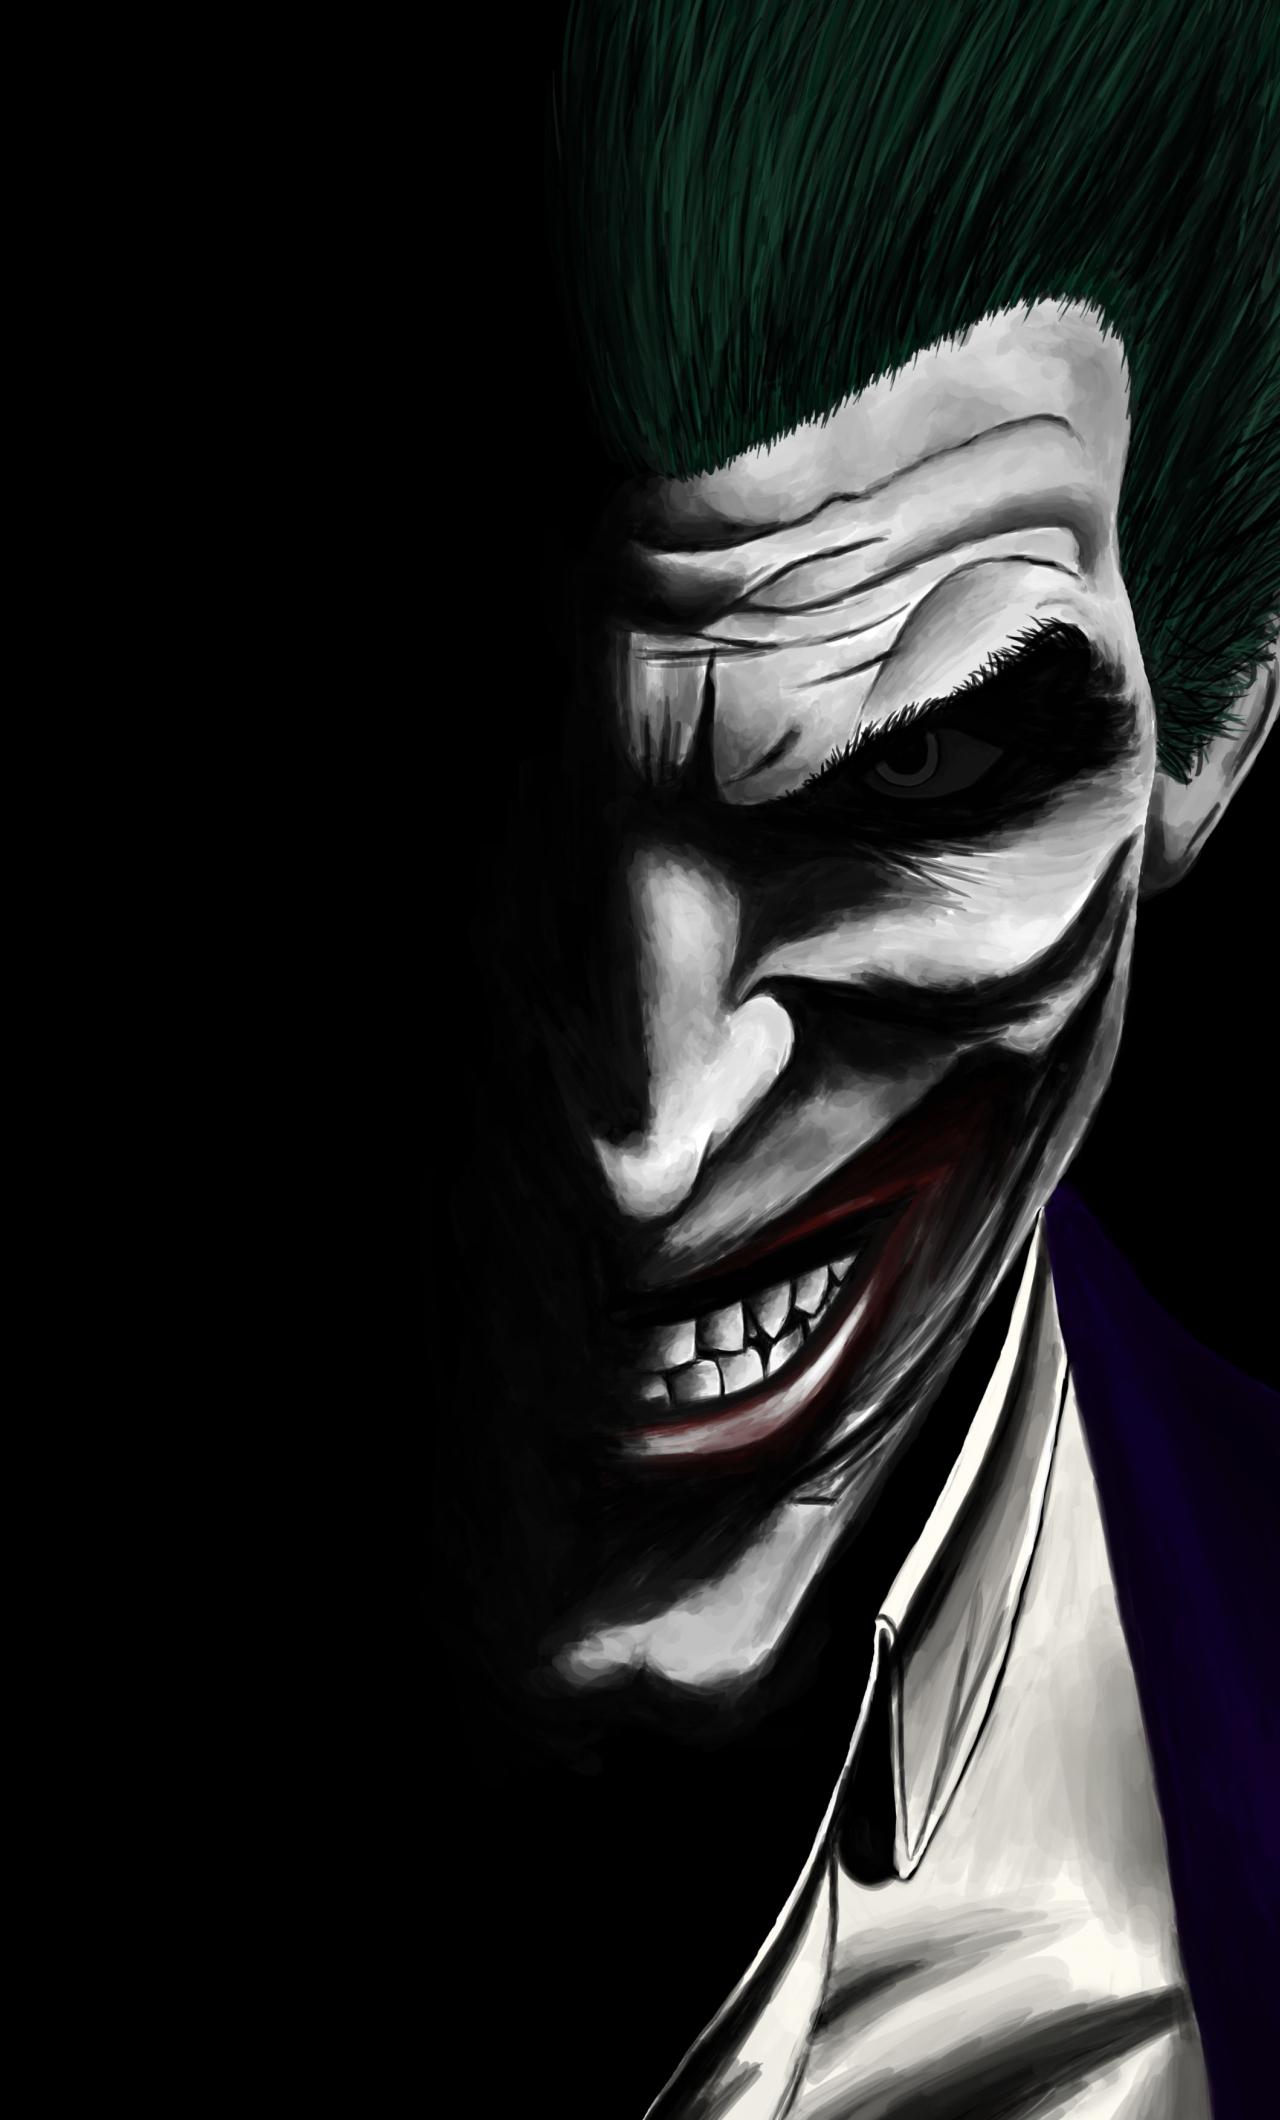 Joker Dark Dc Comics Villain Artwork 1280x2120 Wallpaper